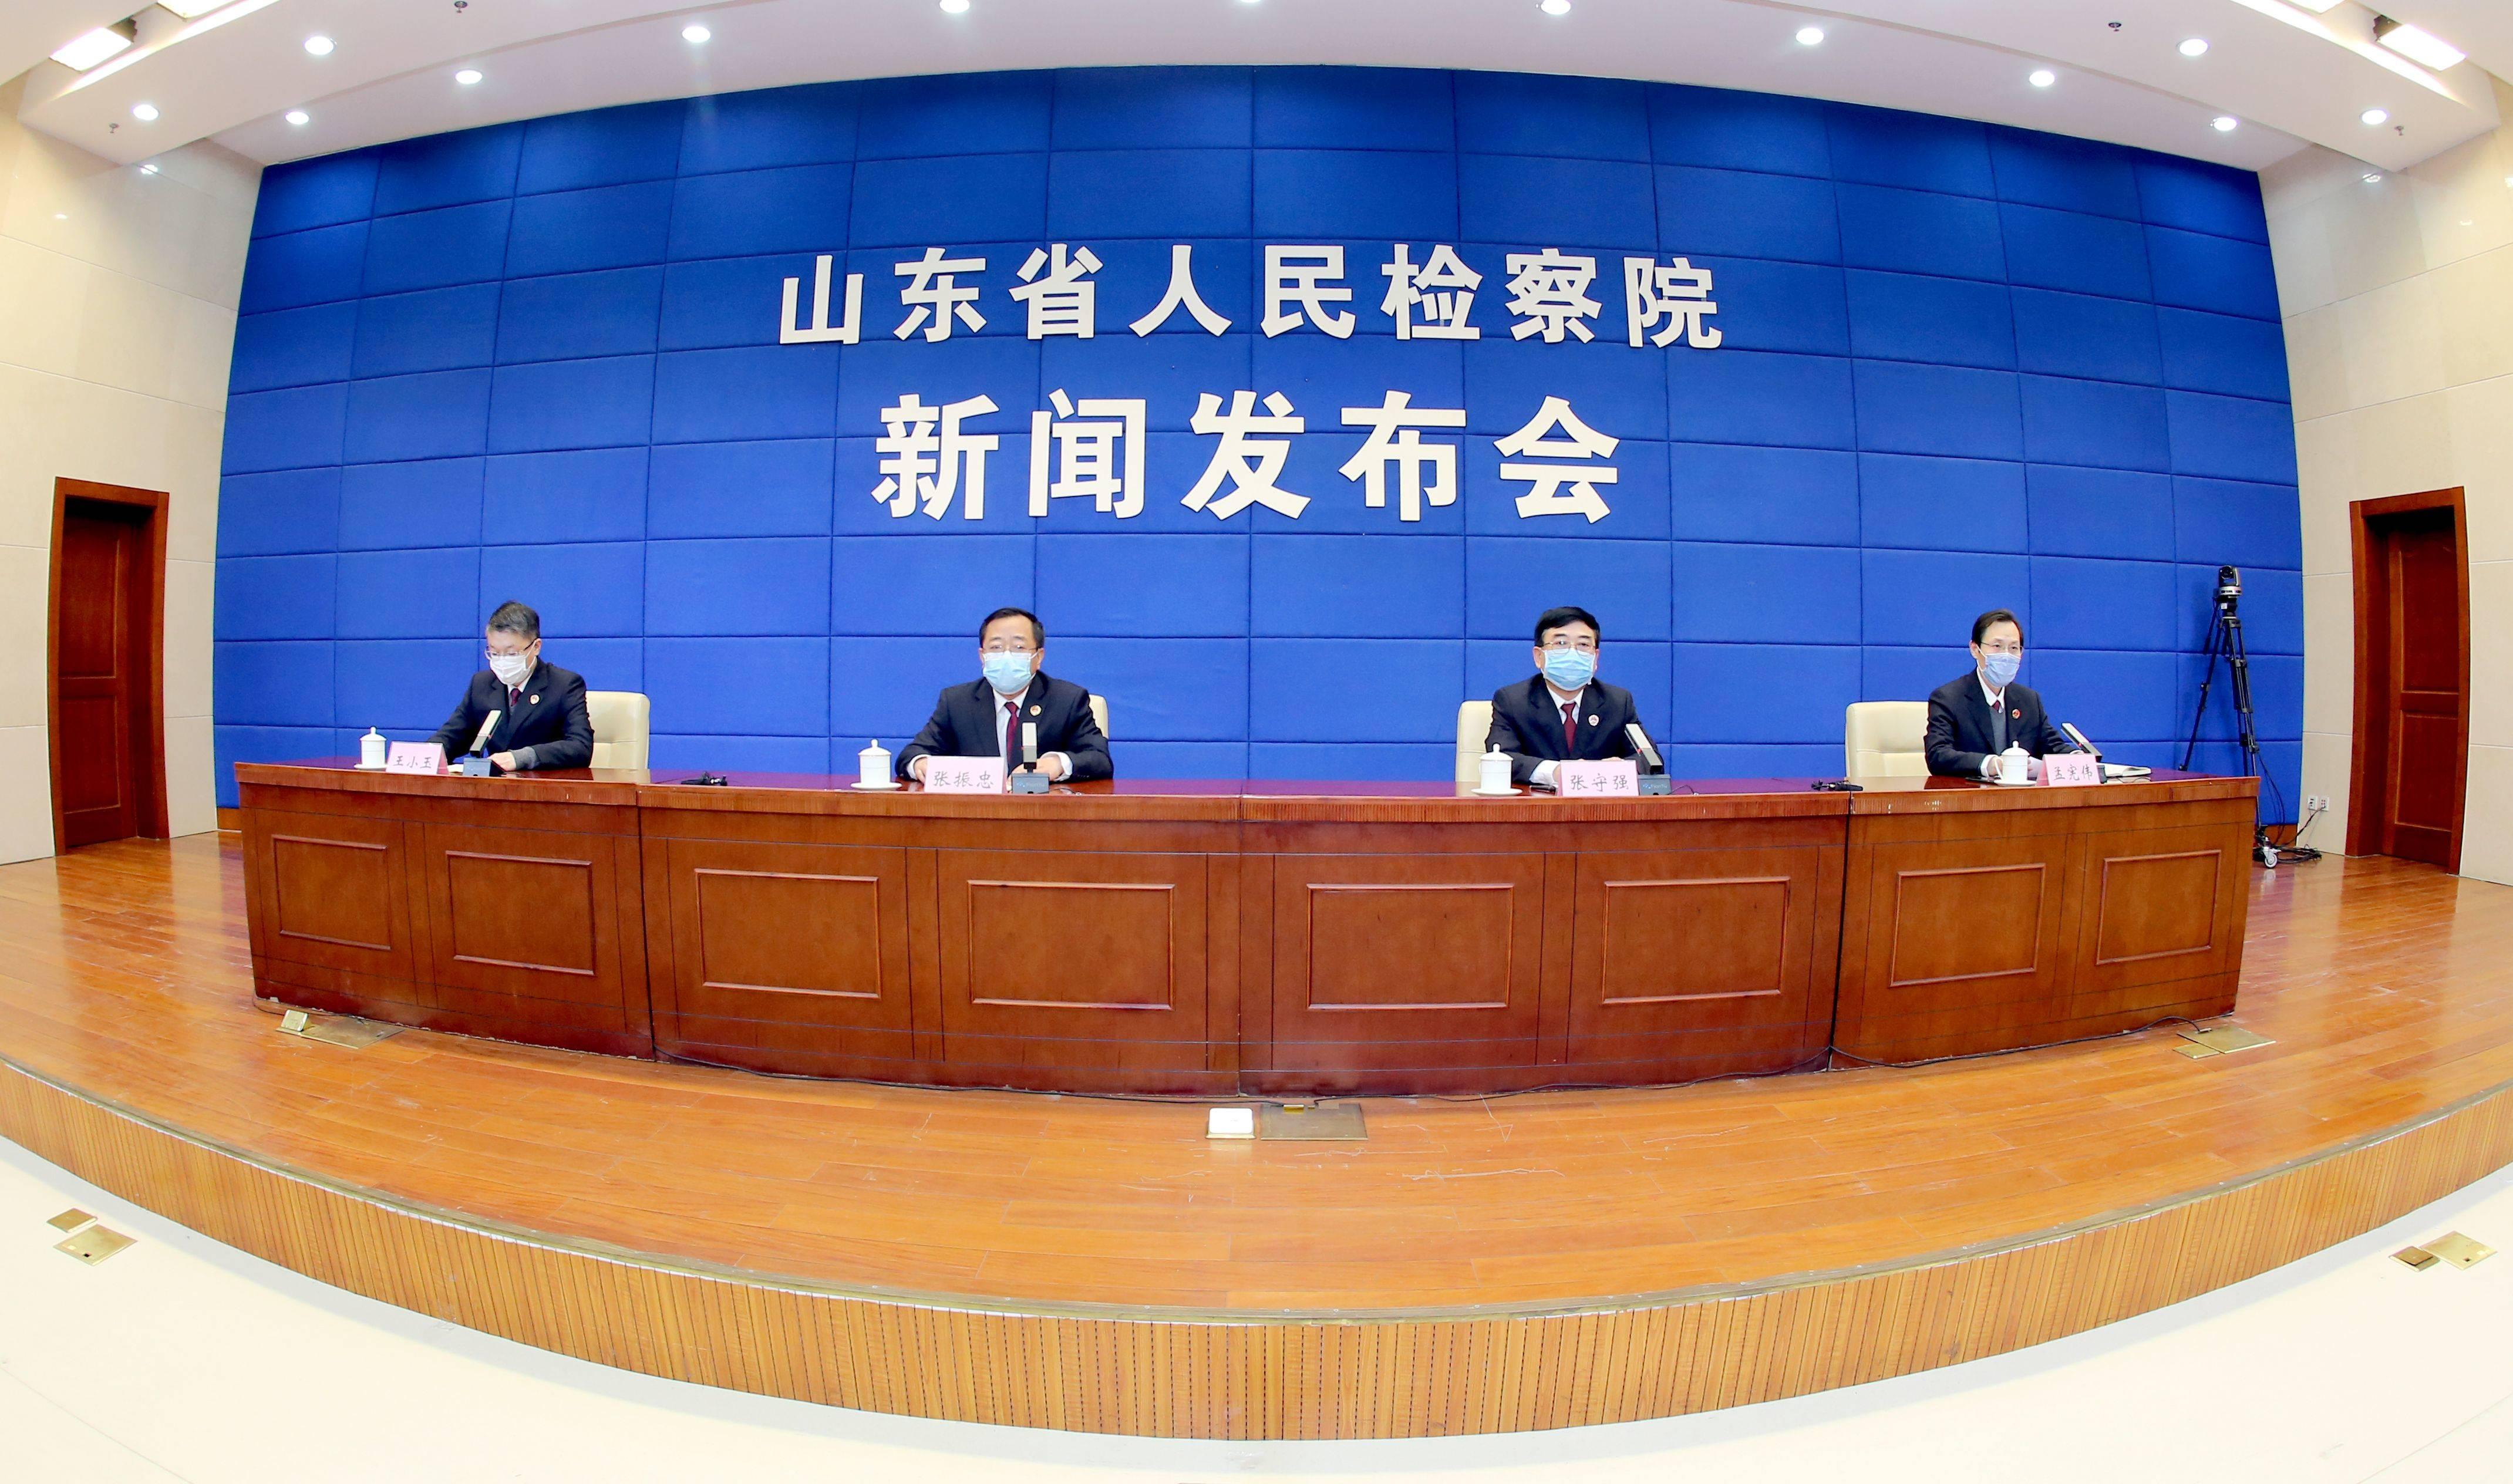 山东省检察机关妥善化解疫情期间各类矛盾纠纷,受理来信来访5960件